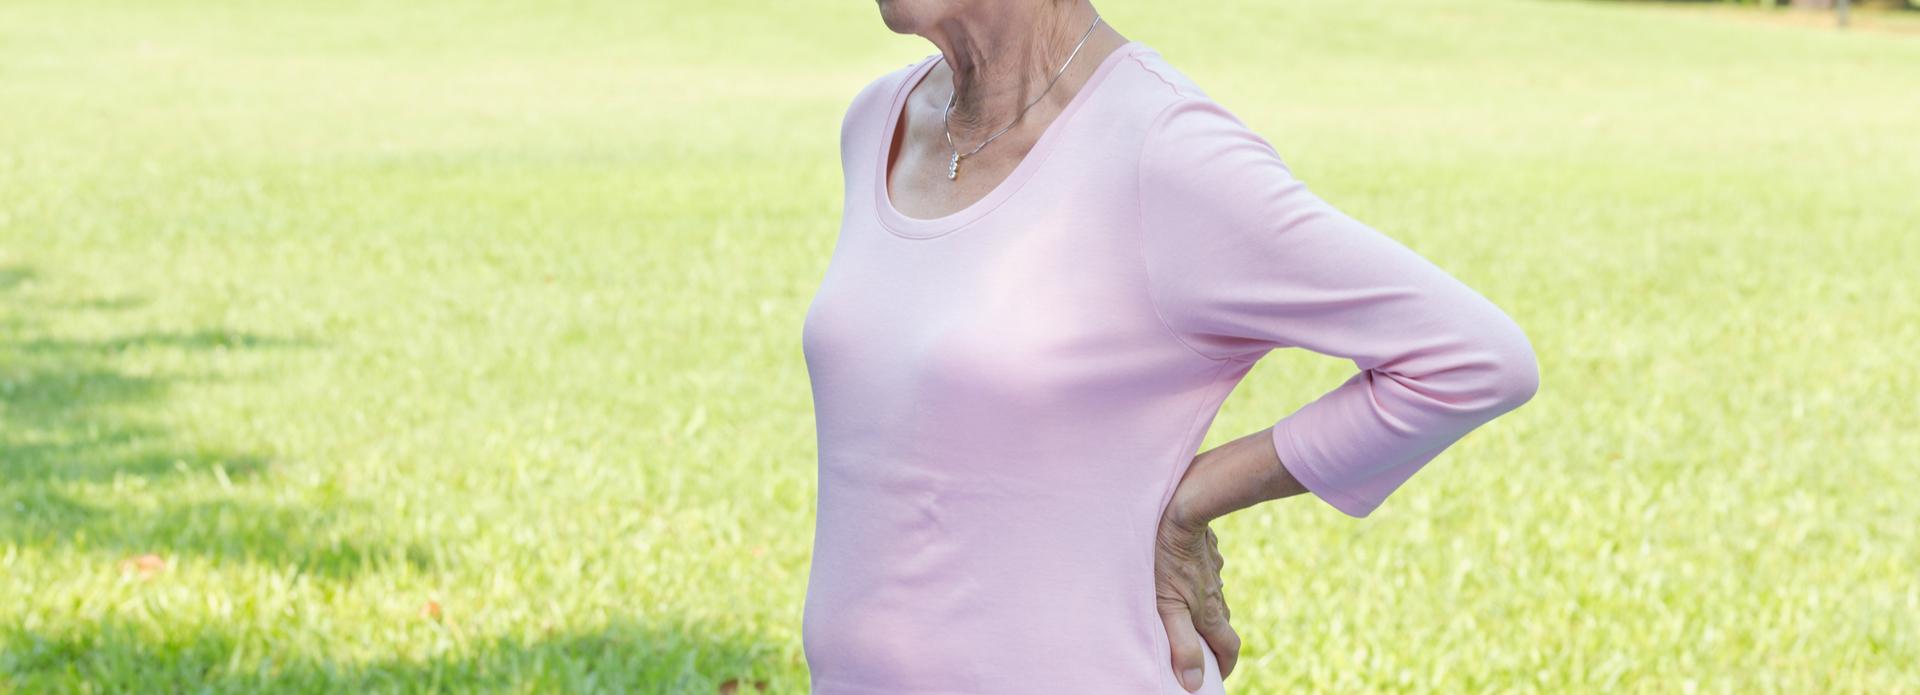 糖尿病採生酮飲食 恐加重腎臟病及誘發腎結石